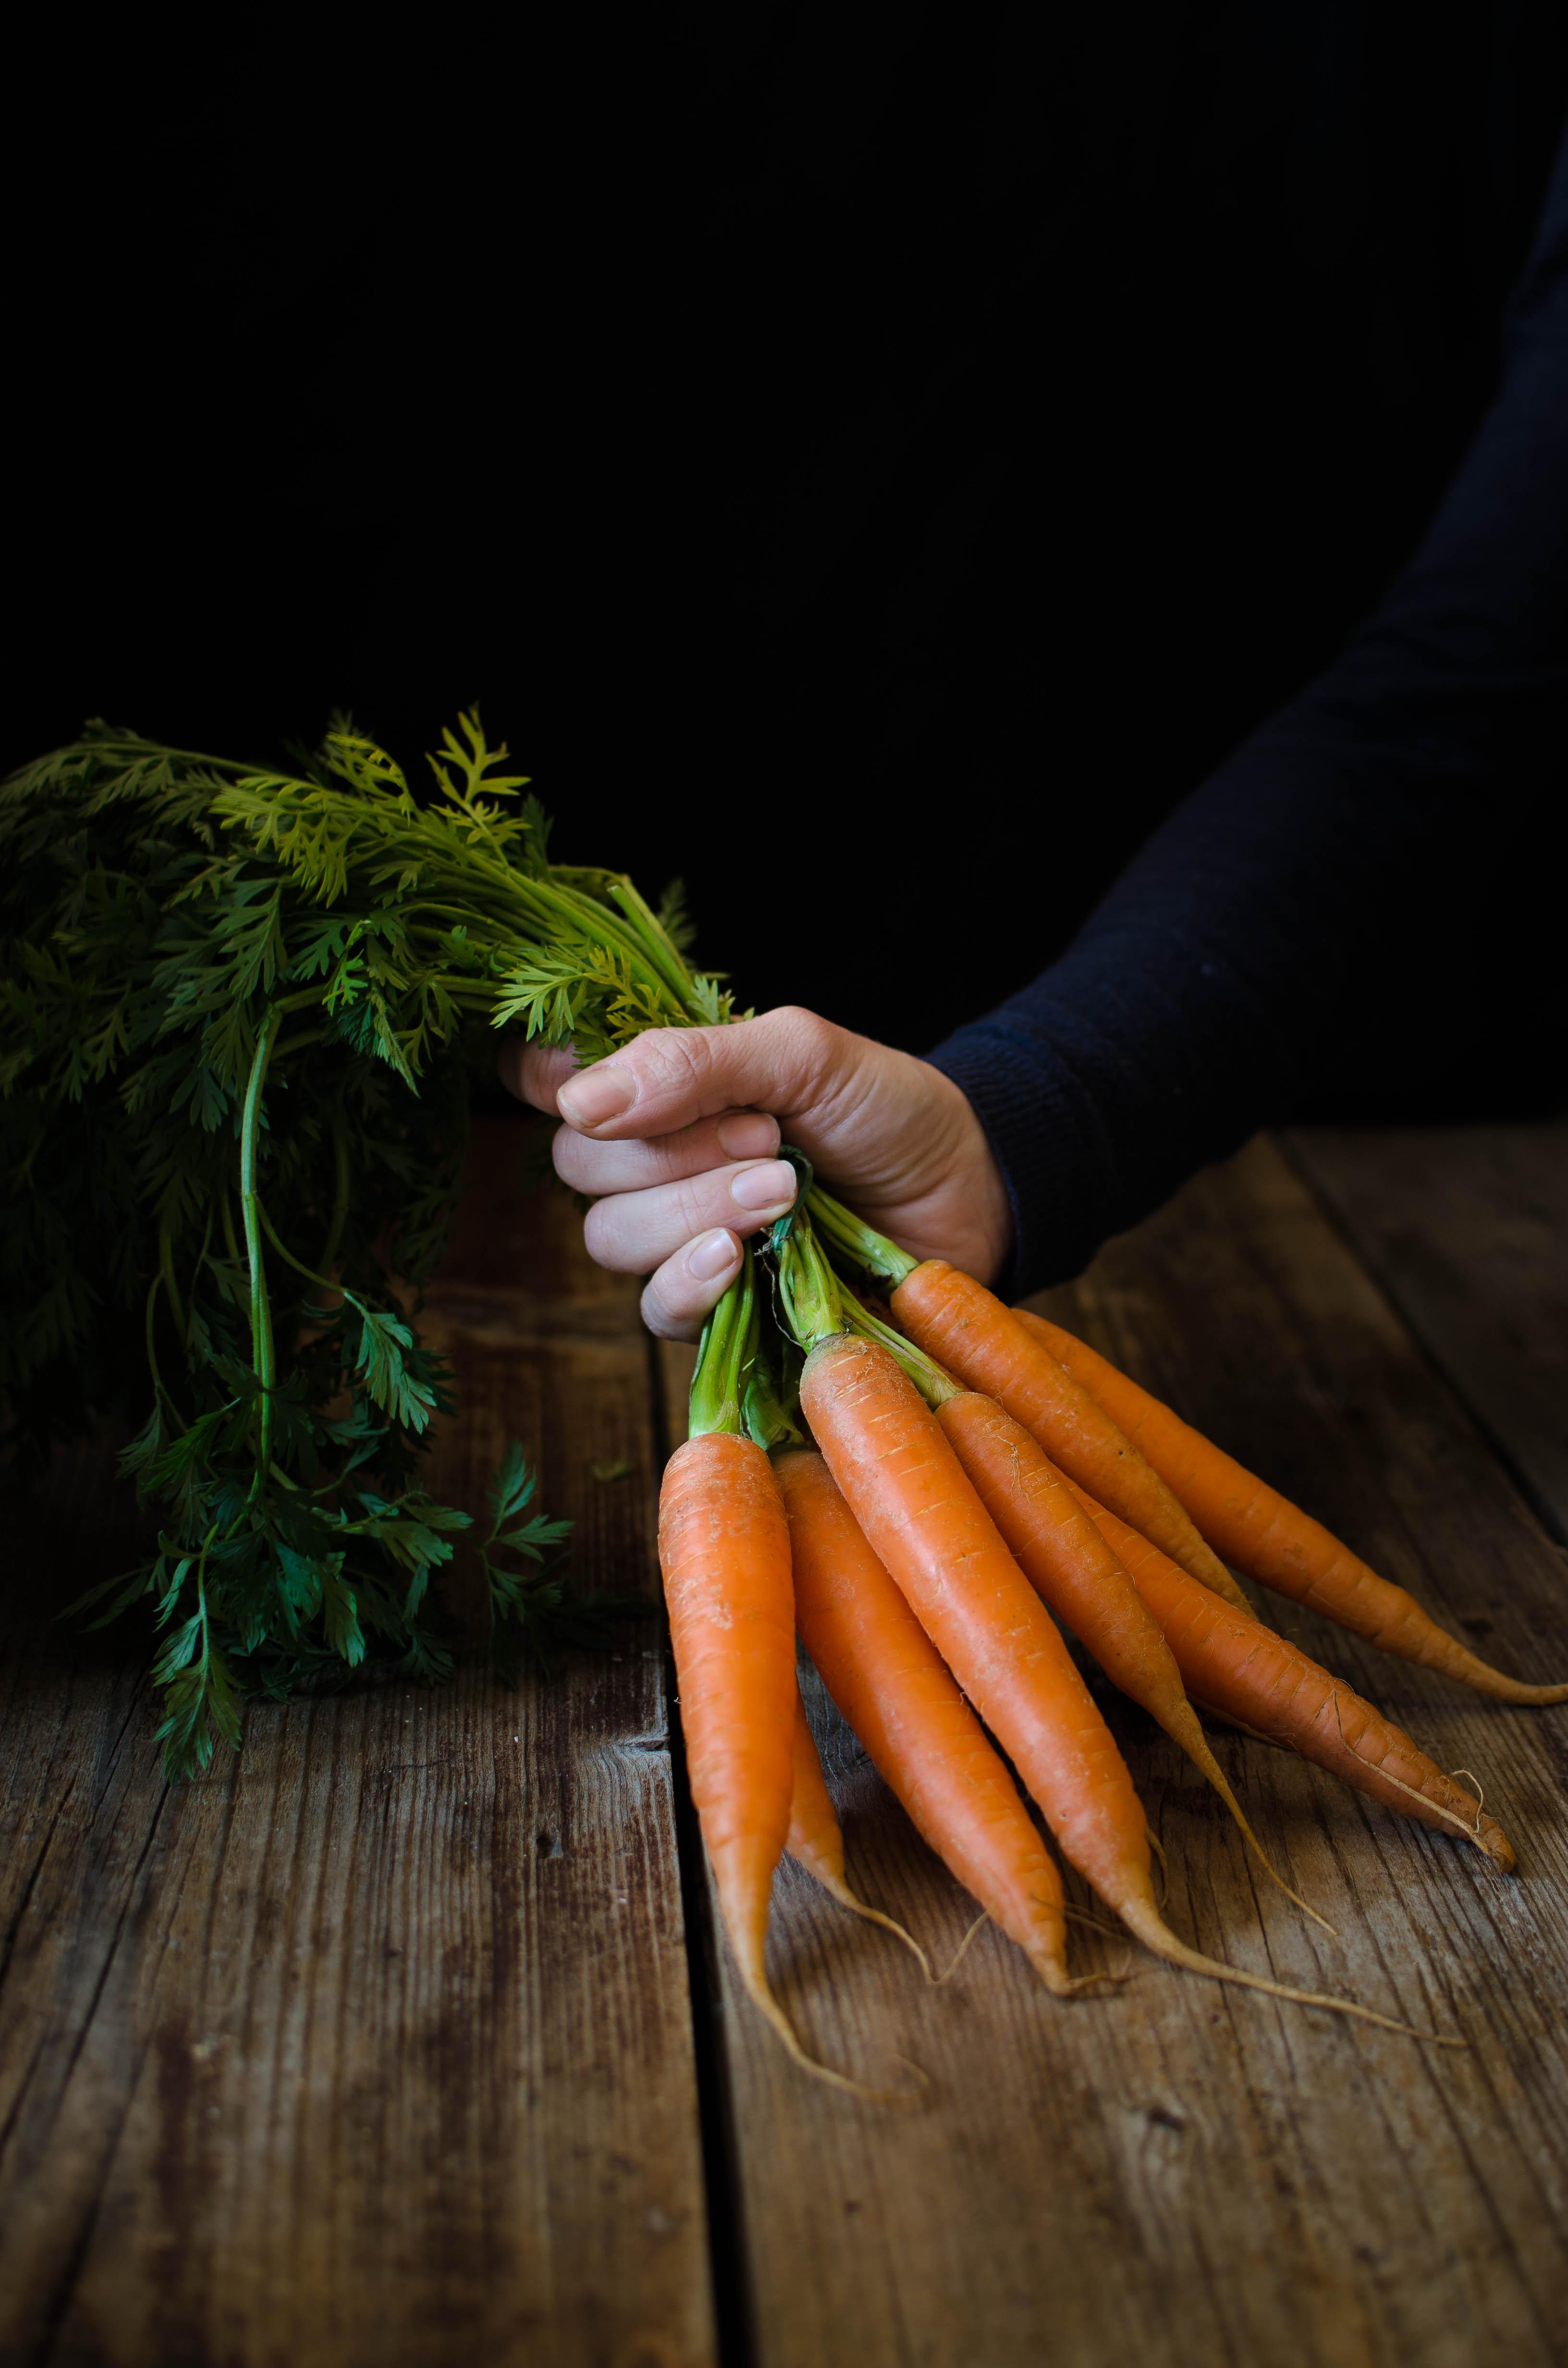 vellutara_carote_canapa Vellutata di carote con latte di semi di canapa